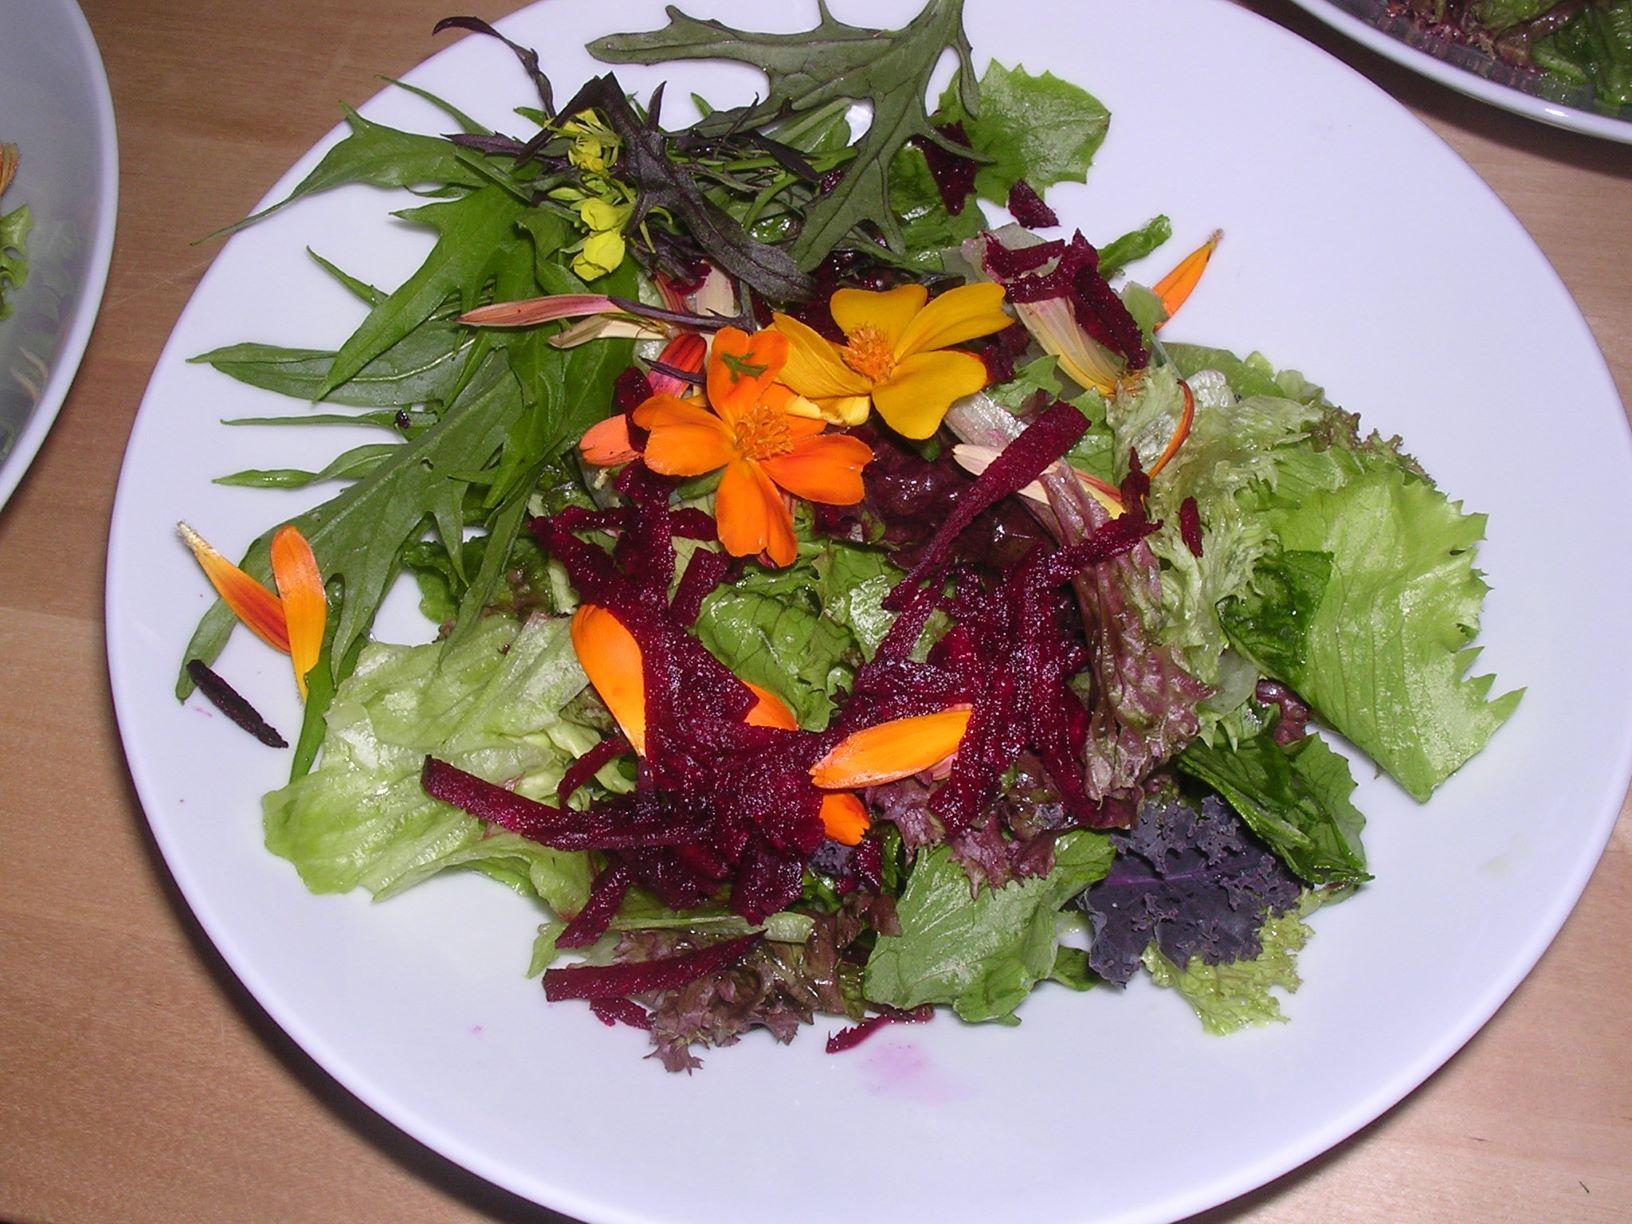 Salattallerken